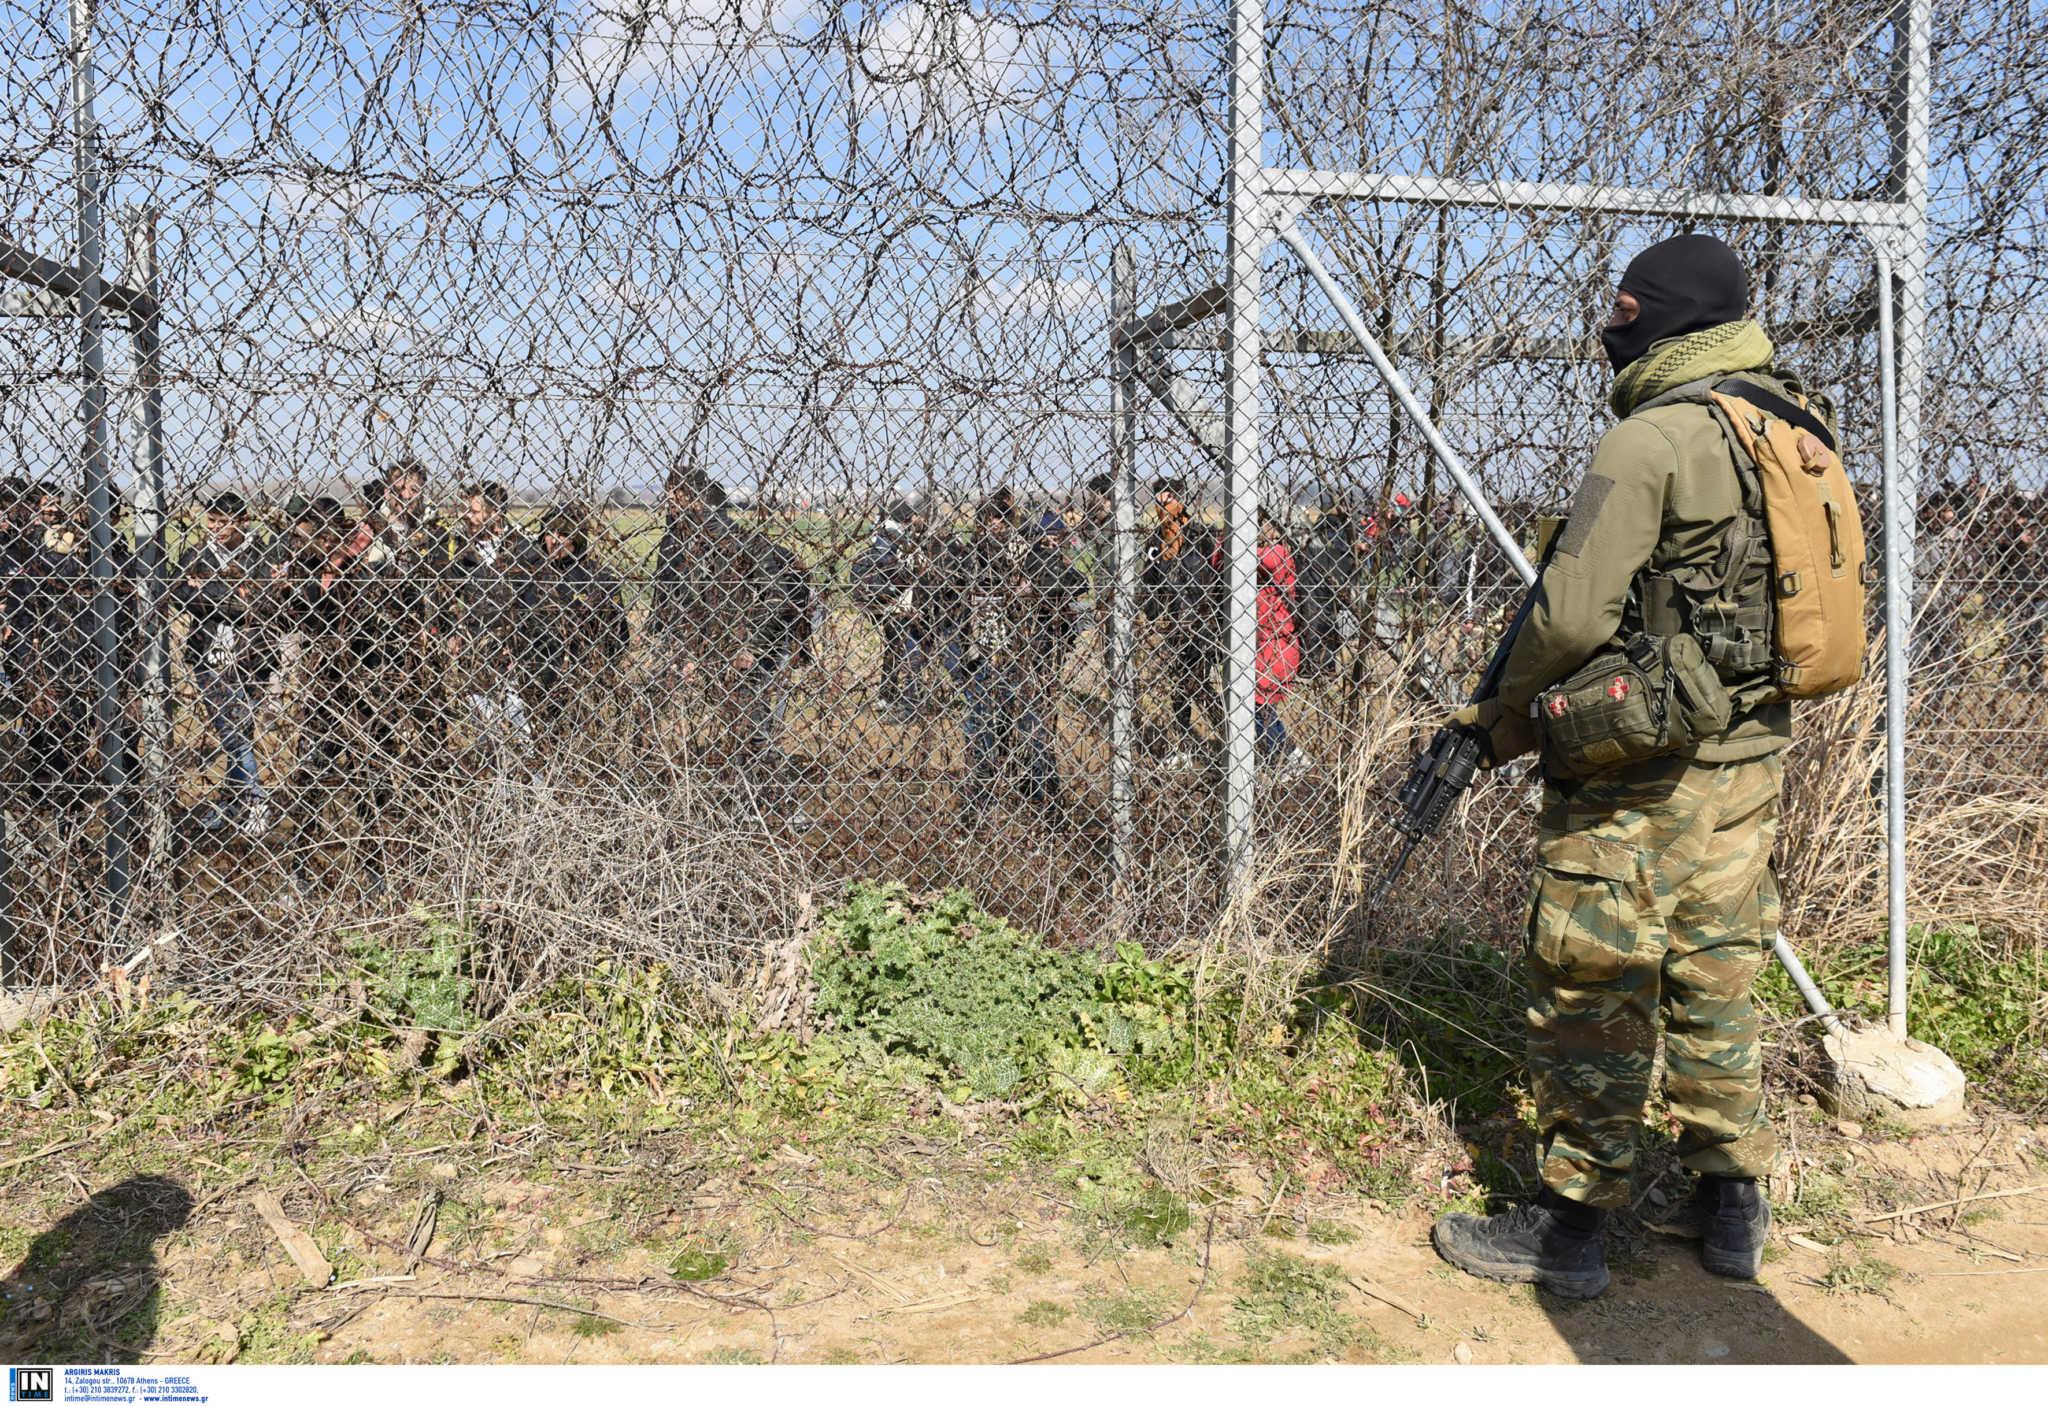 Μεγαλώνει κατά 40 χιλιόμετρα ο φράχτης στον Έβρο! Κυβέρνηση: Ο Τσίπρας «παίζει παιχνιδάκι»